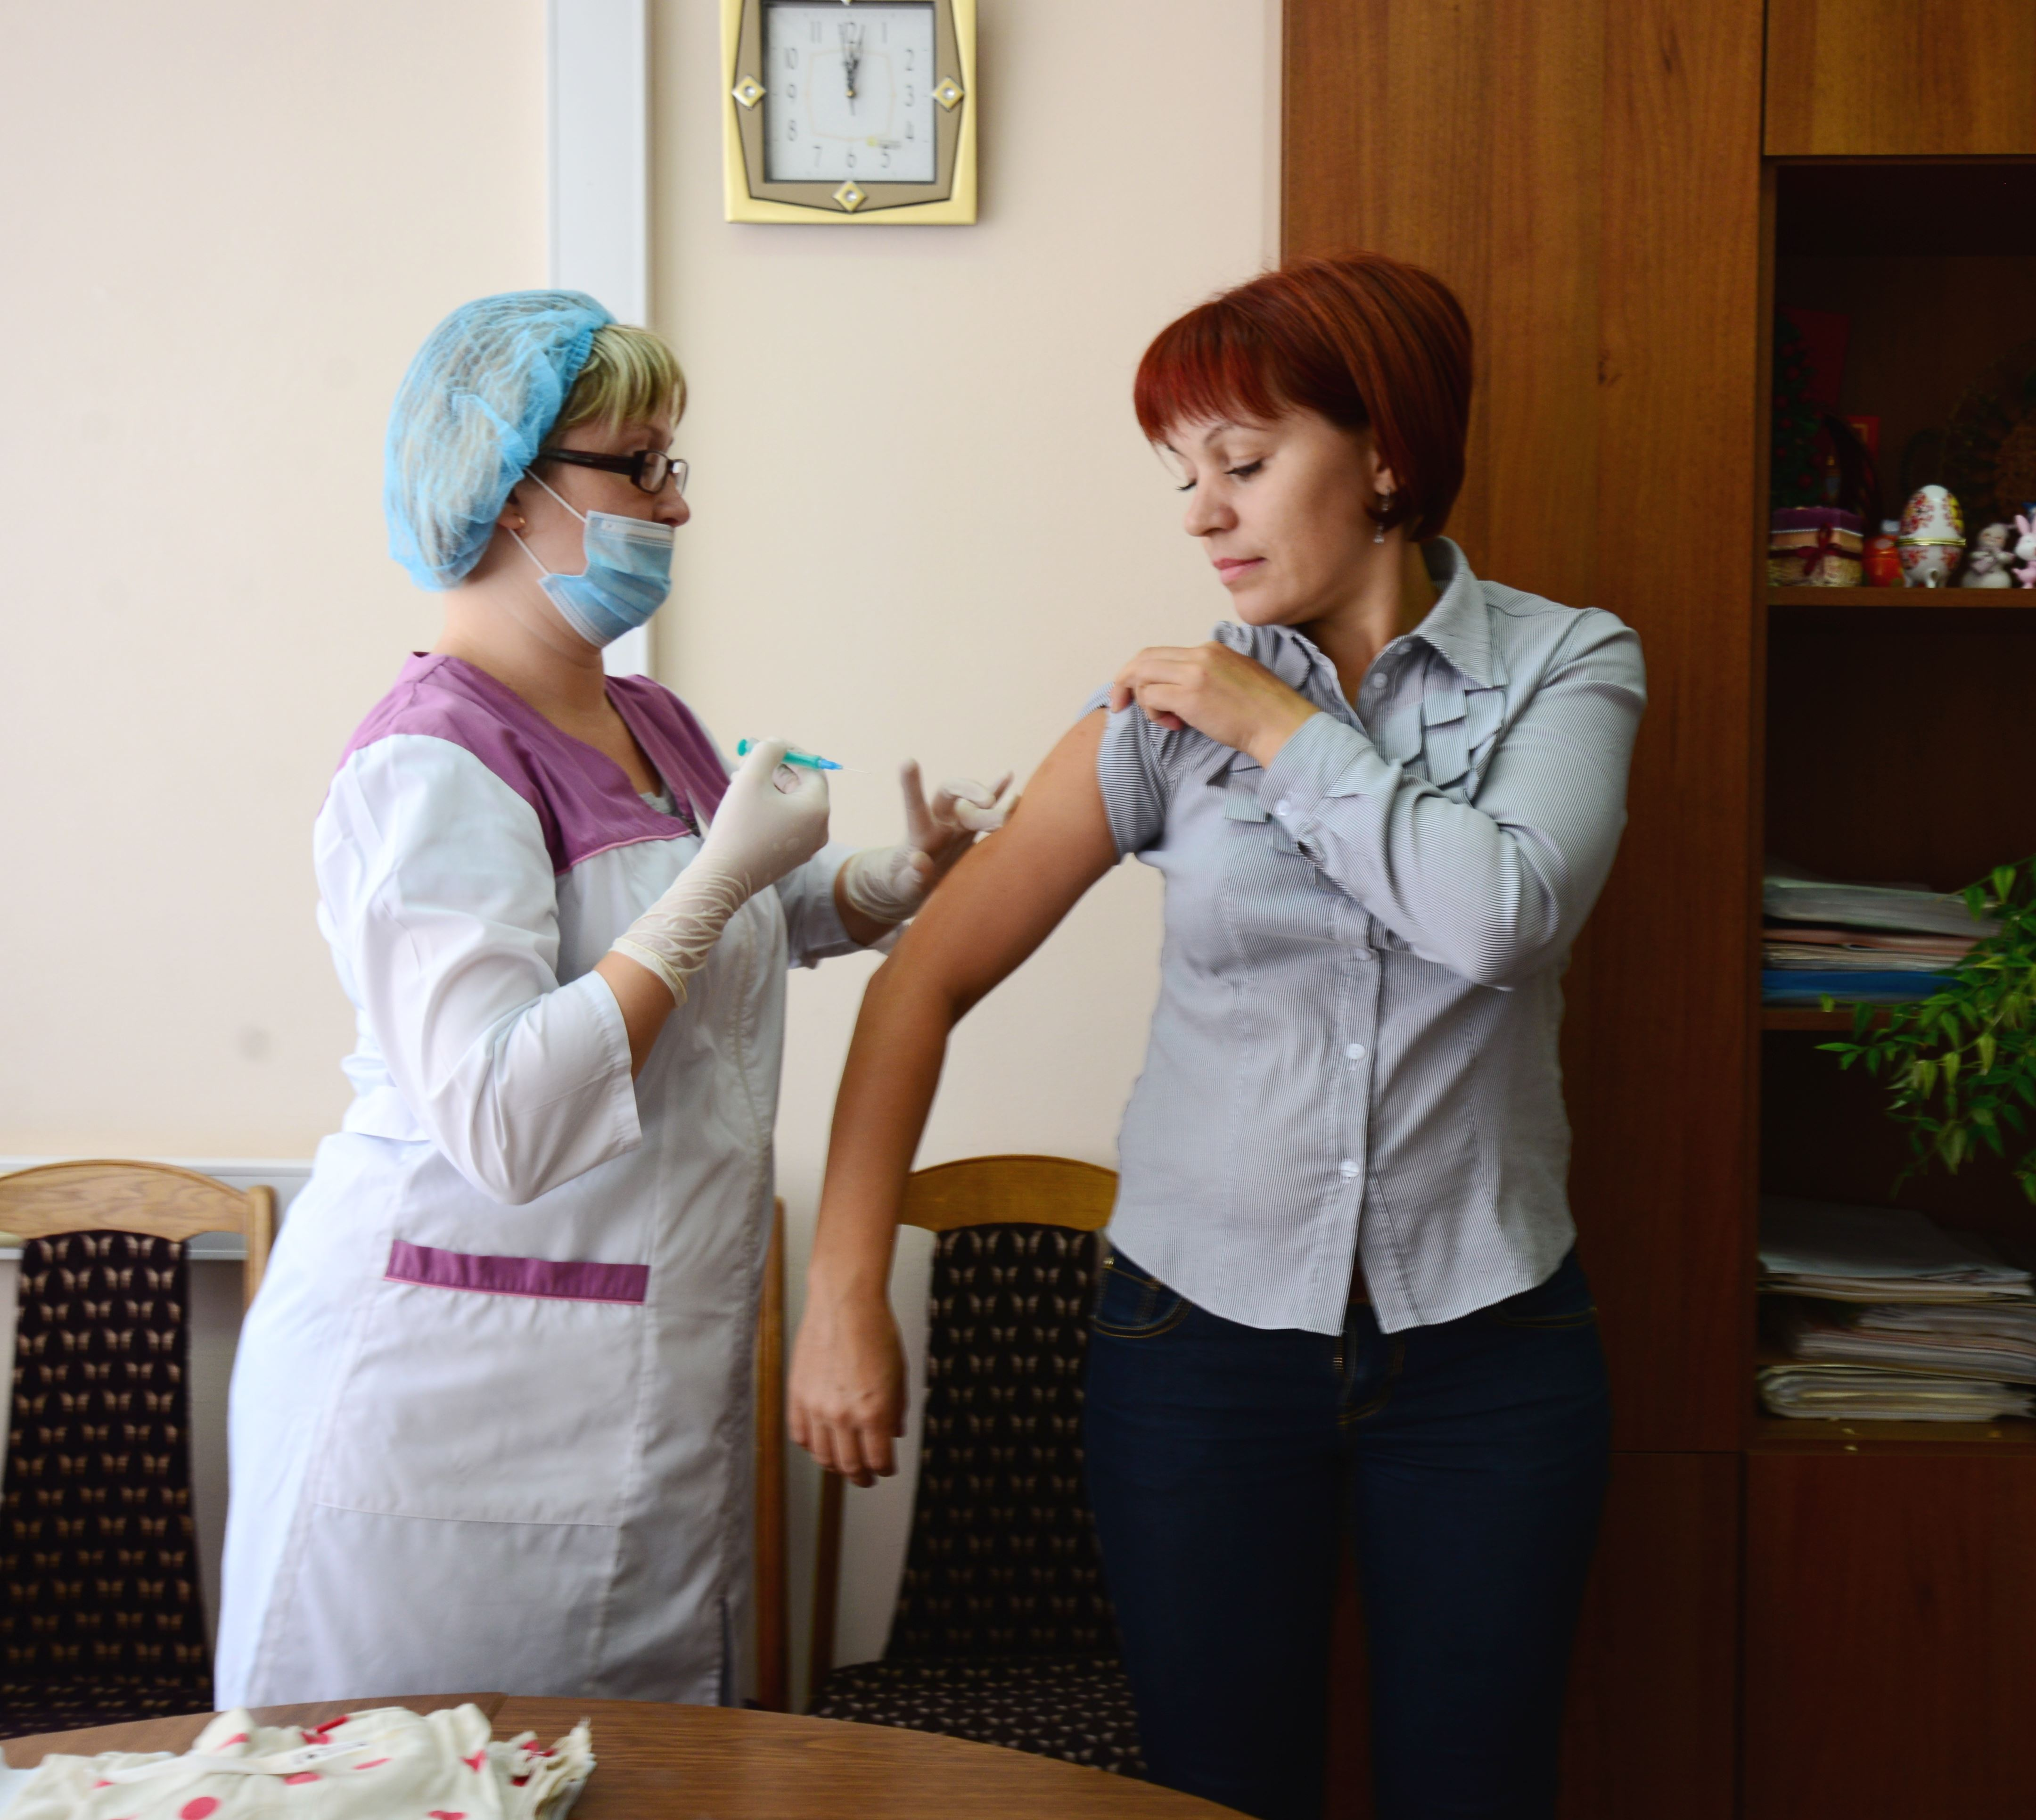 ВЕкатеринбурге начинается вакцинация отгриппа: где икому можно привиться бесплатно